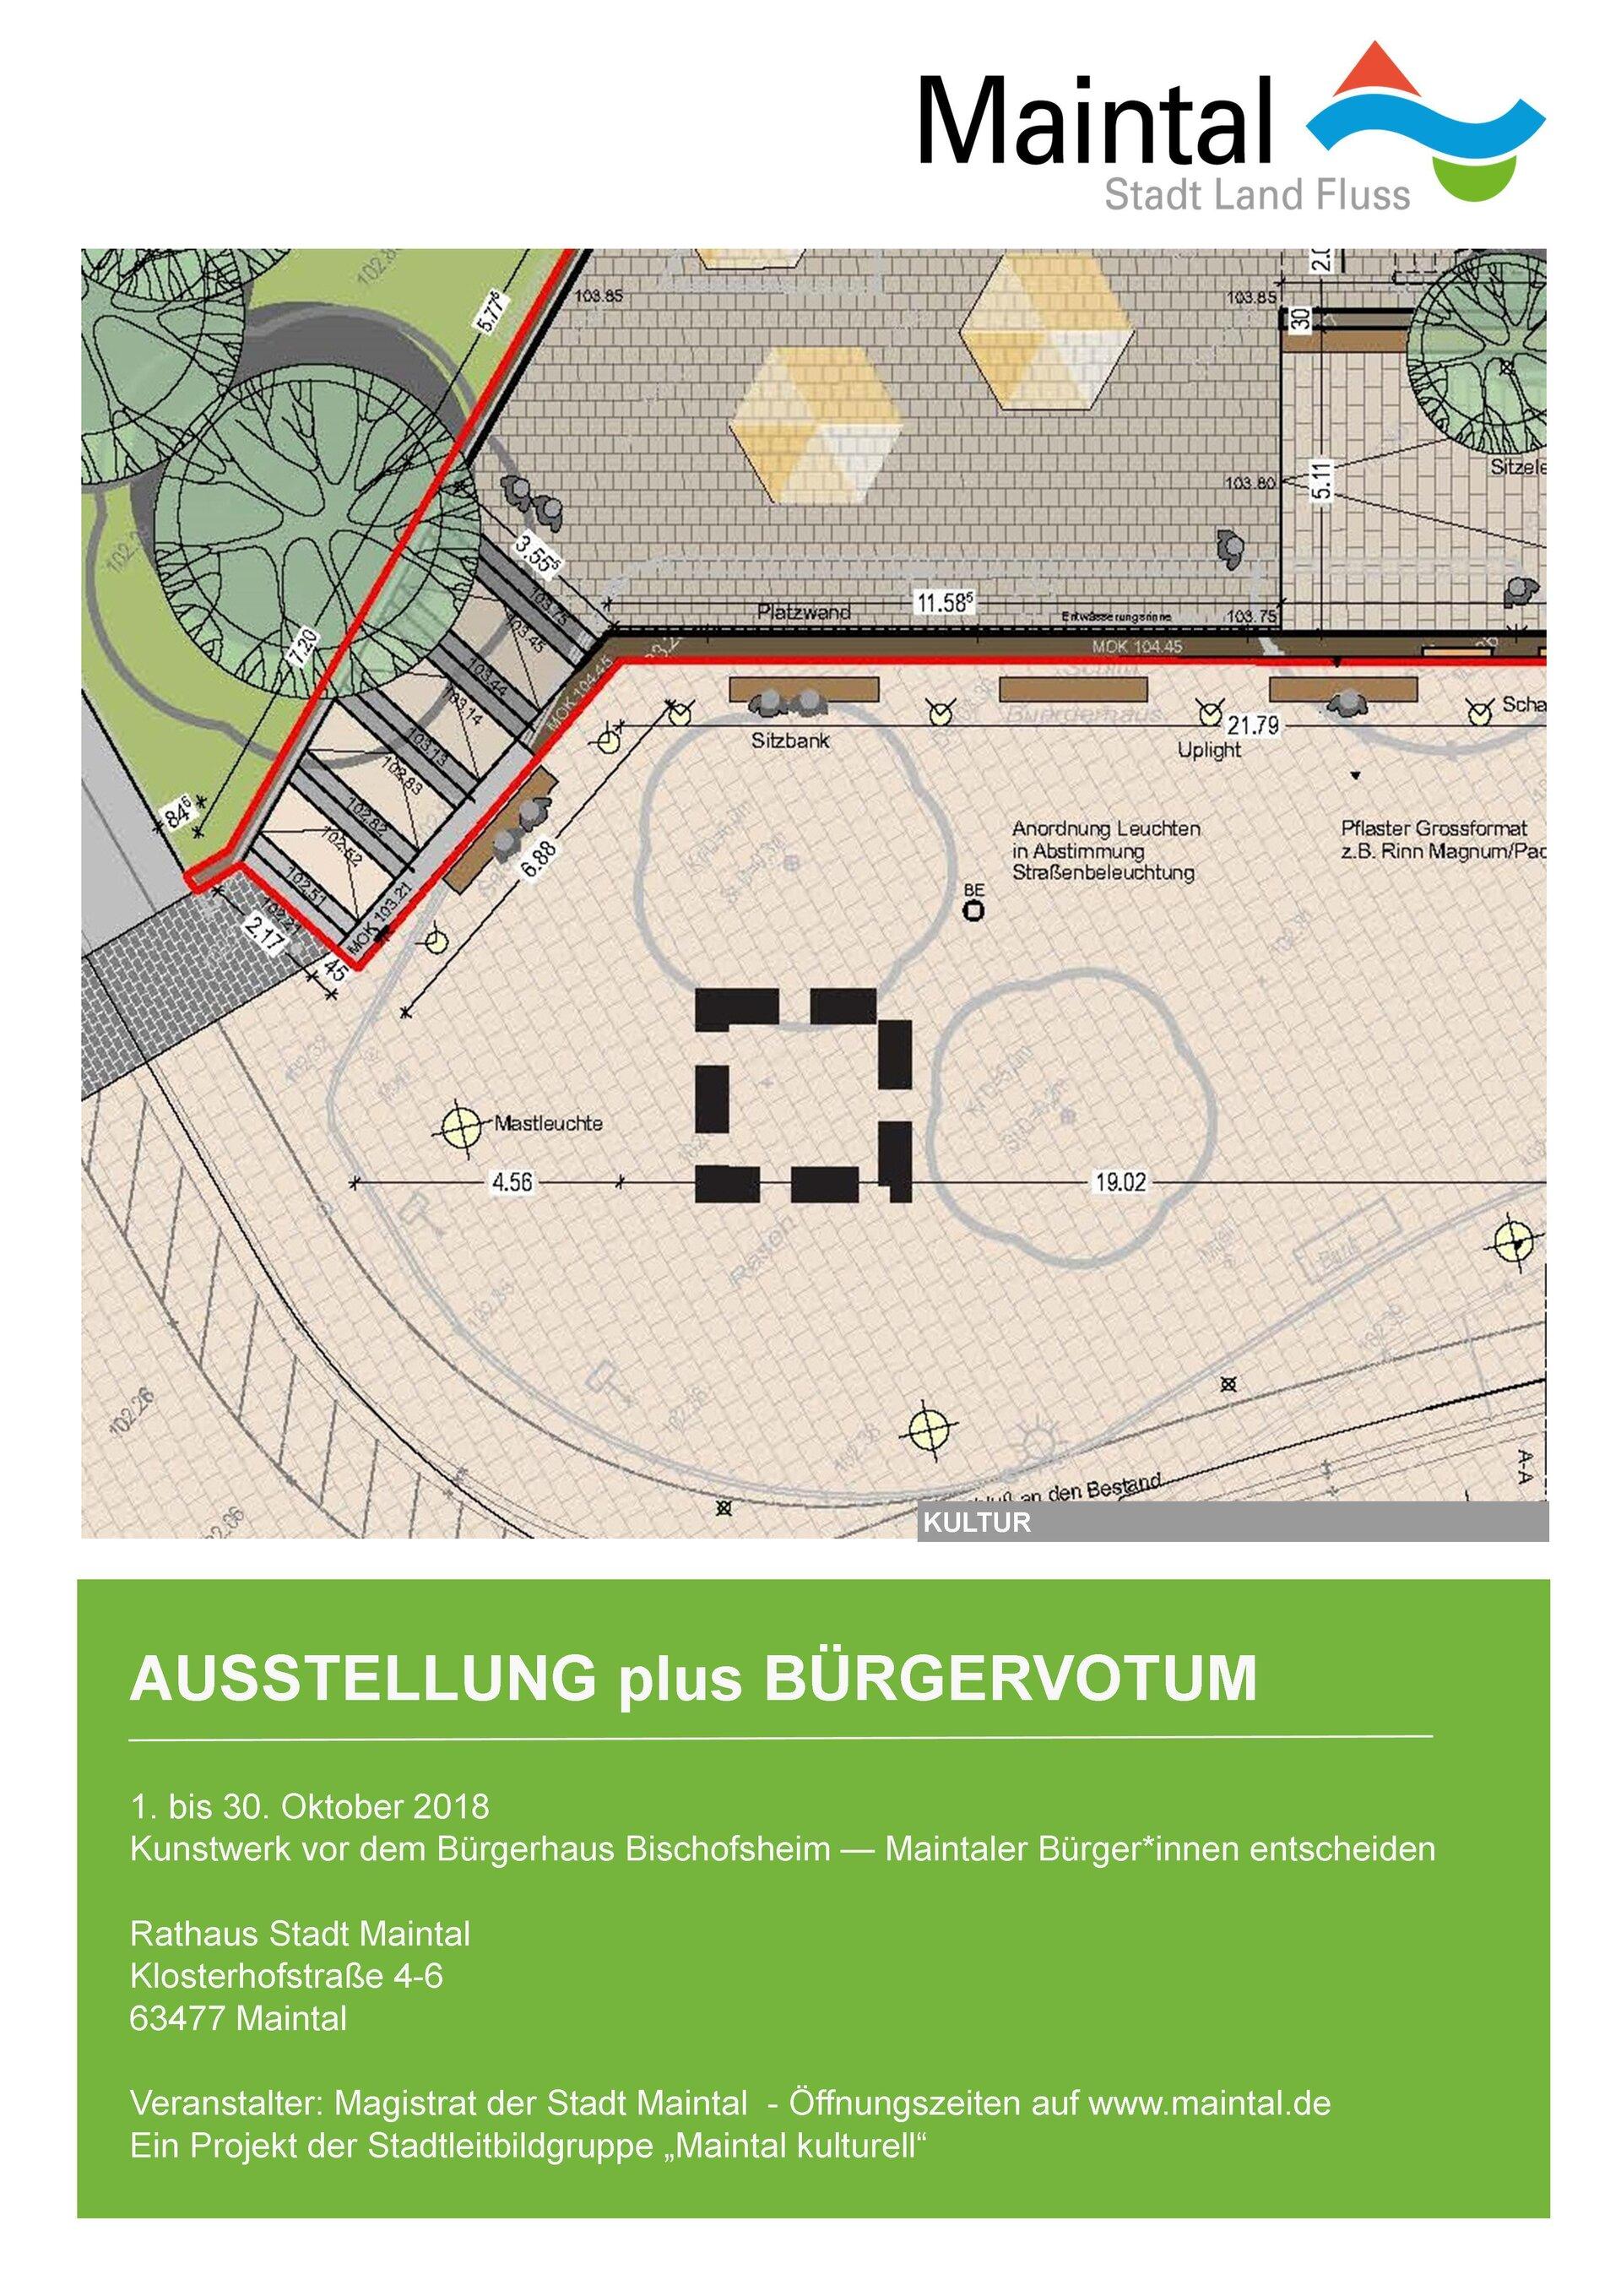 Plakat zur Ausstellung / Bürgervotum Kunstwerk Bischofsheim 2018